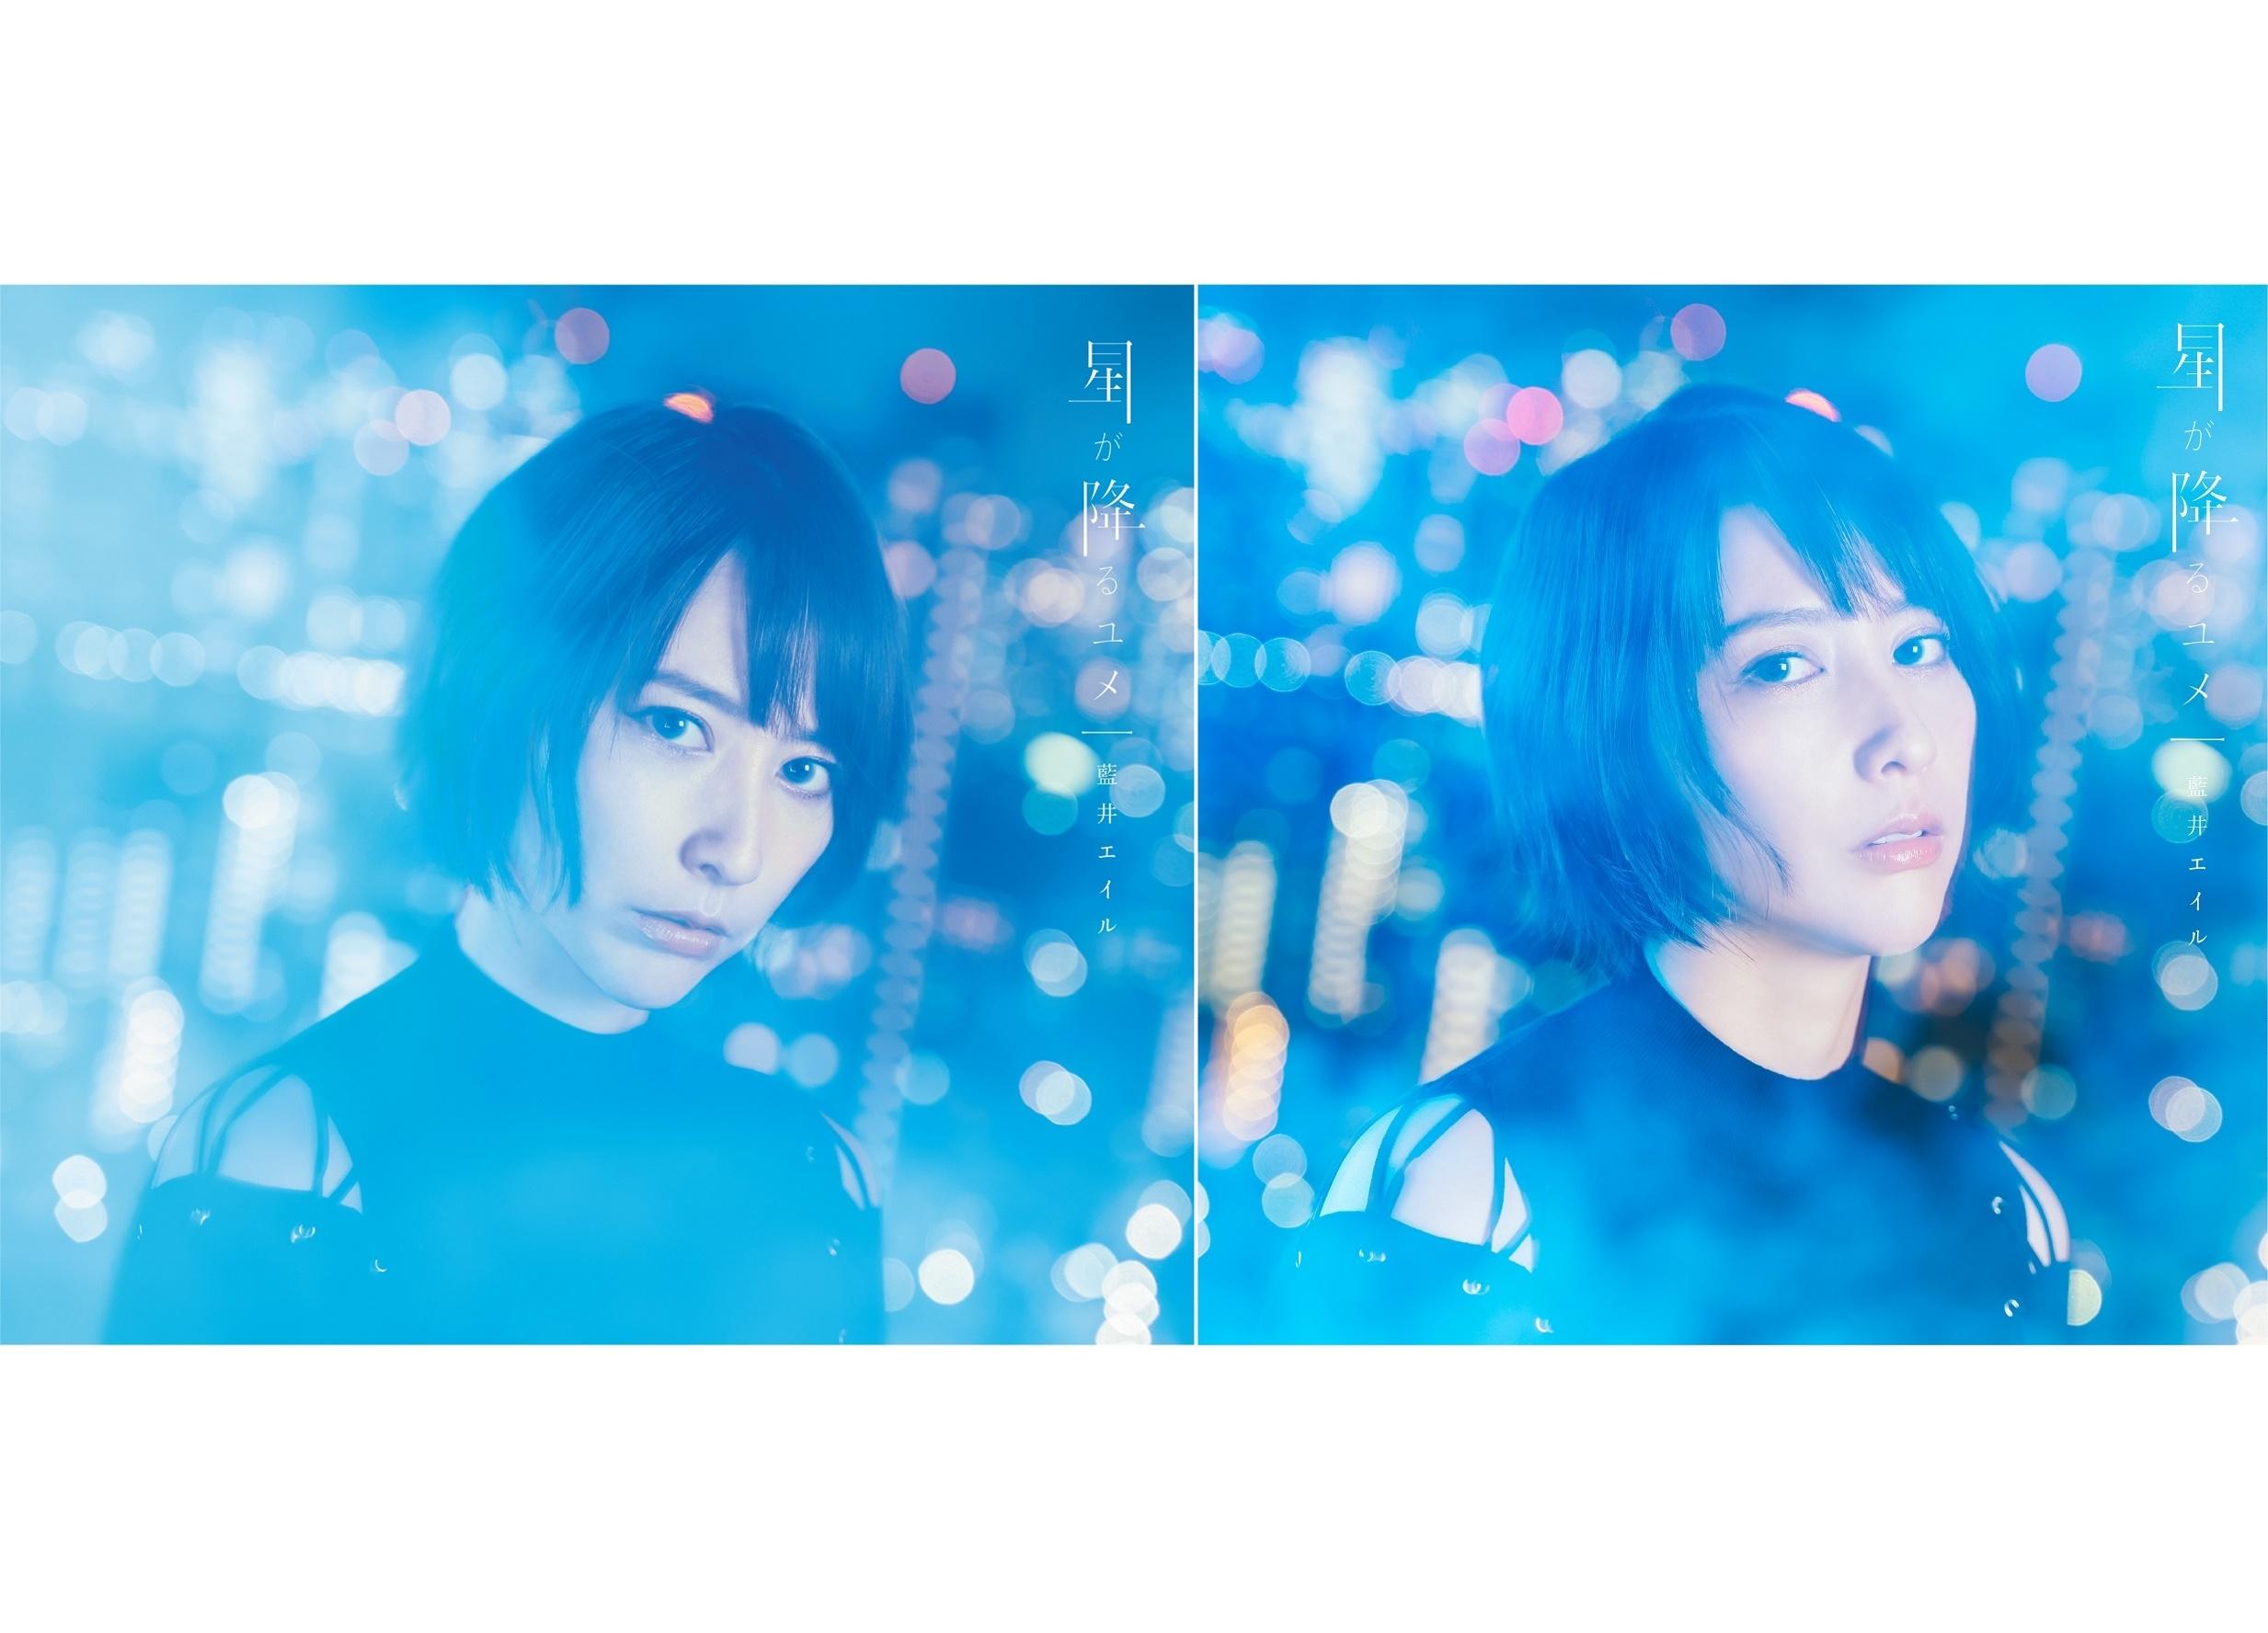 藍井エイル「星が降るユメ」11月27日 発売!初回盤&通常盤ジャケット写真解禁